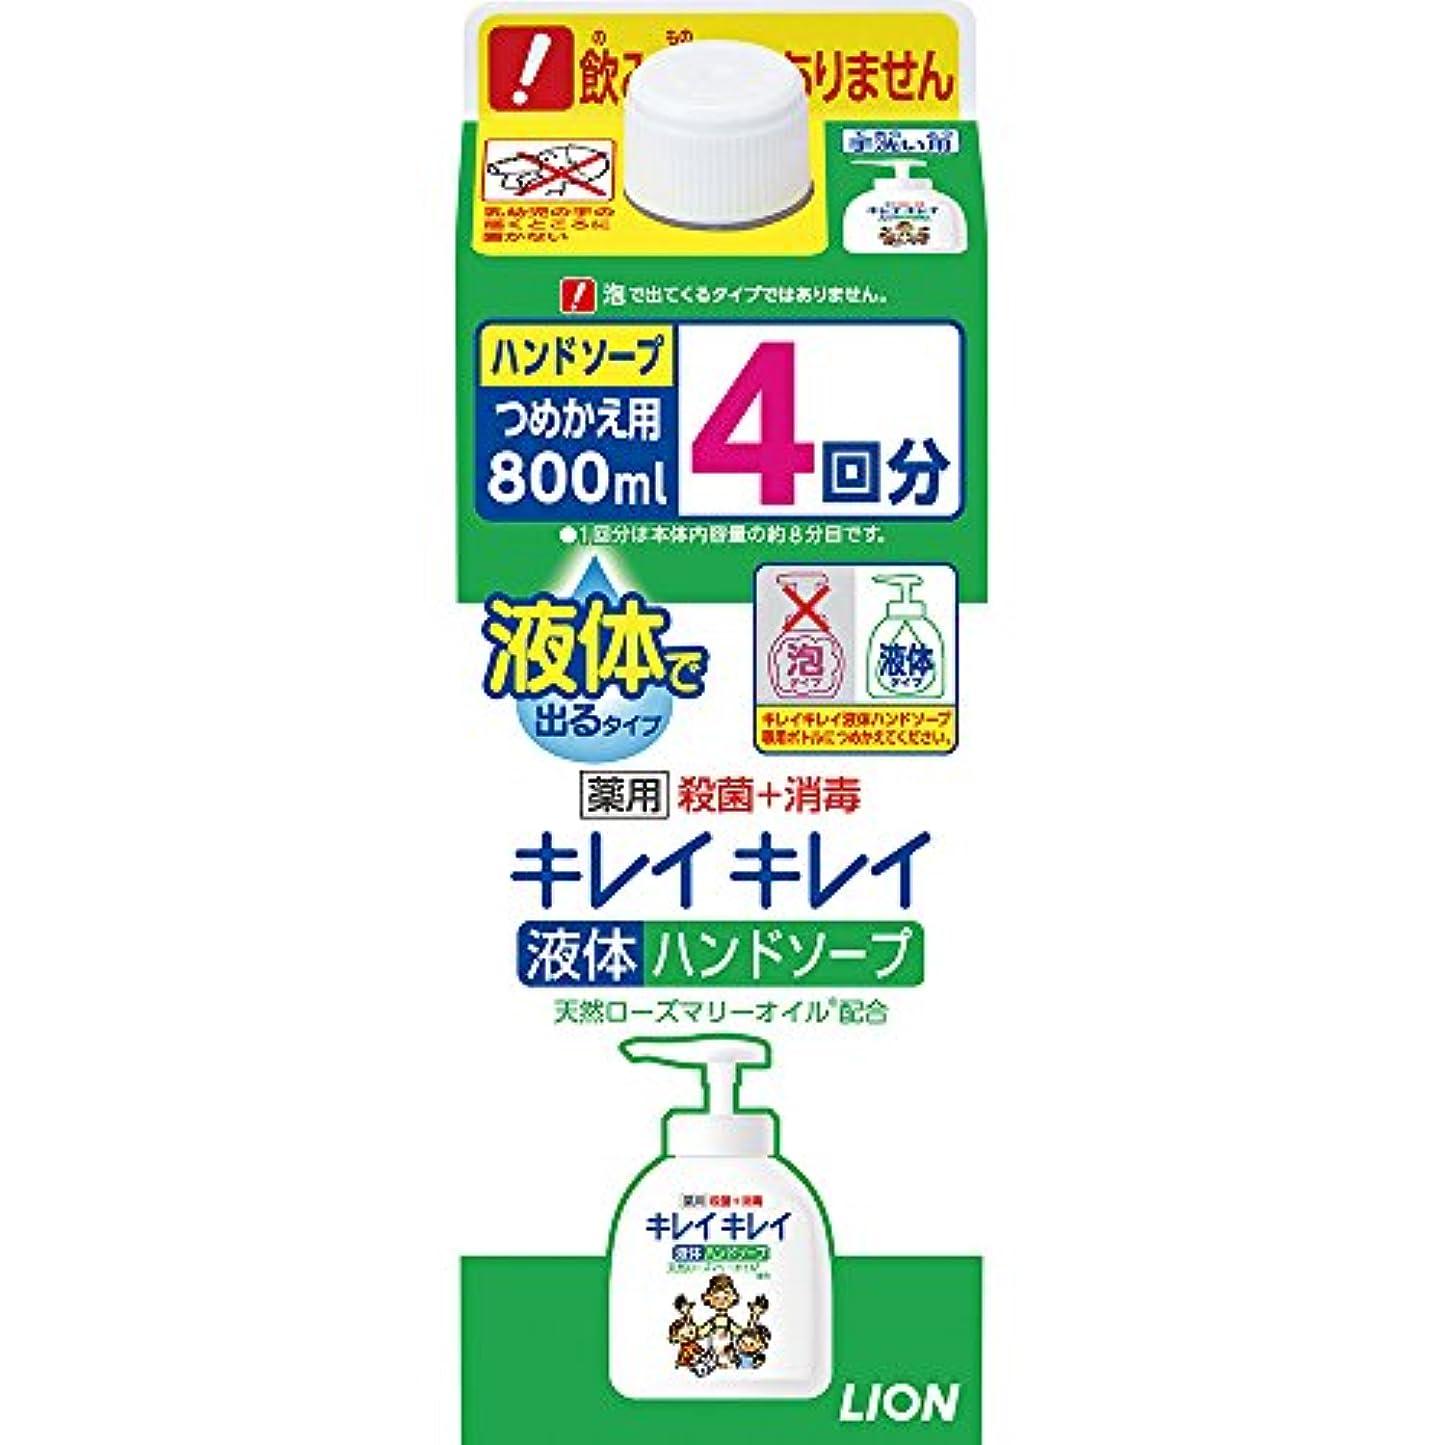 禁止する例滑り台(医薬部外品)【大容量】キレイキレイ 薬用 液体ハンドソープ 詰め替え 特大 800ml